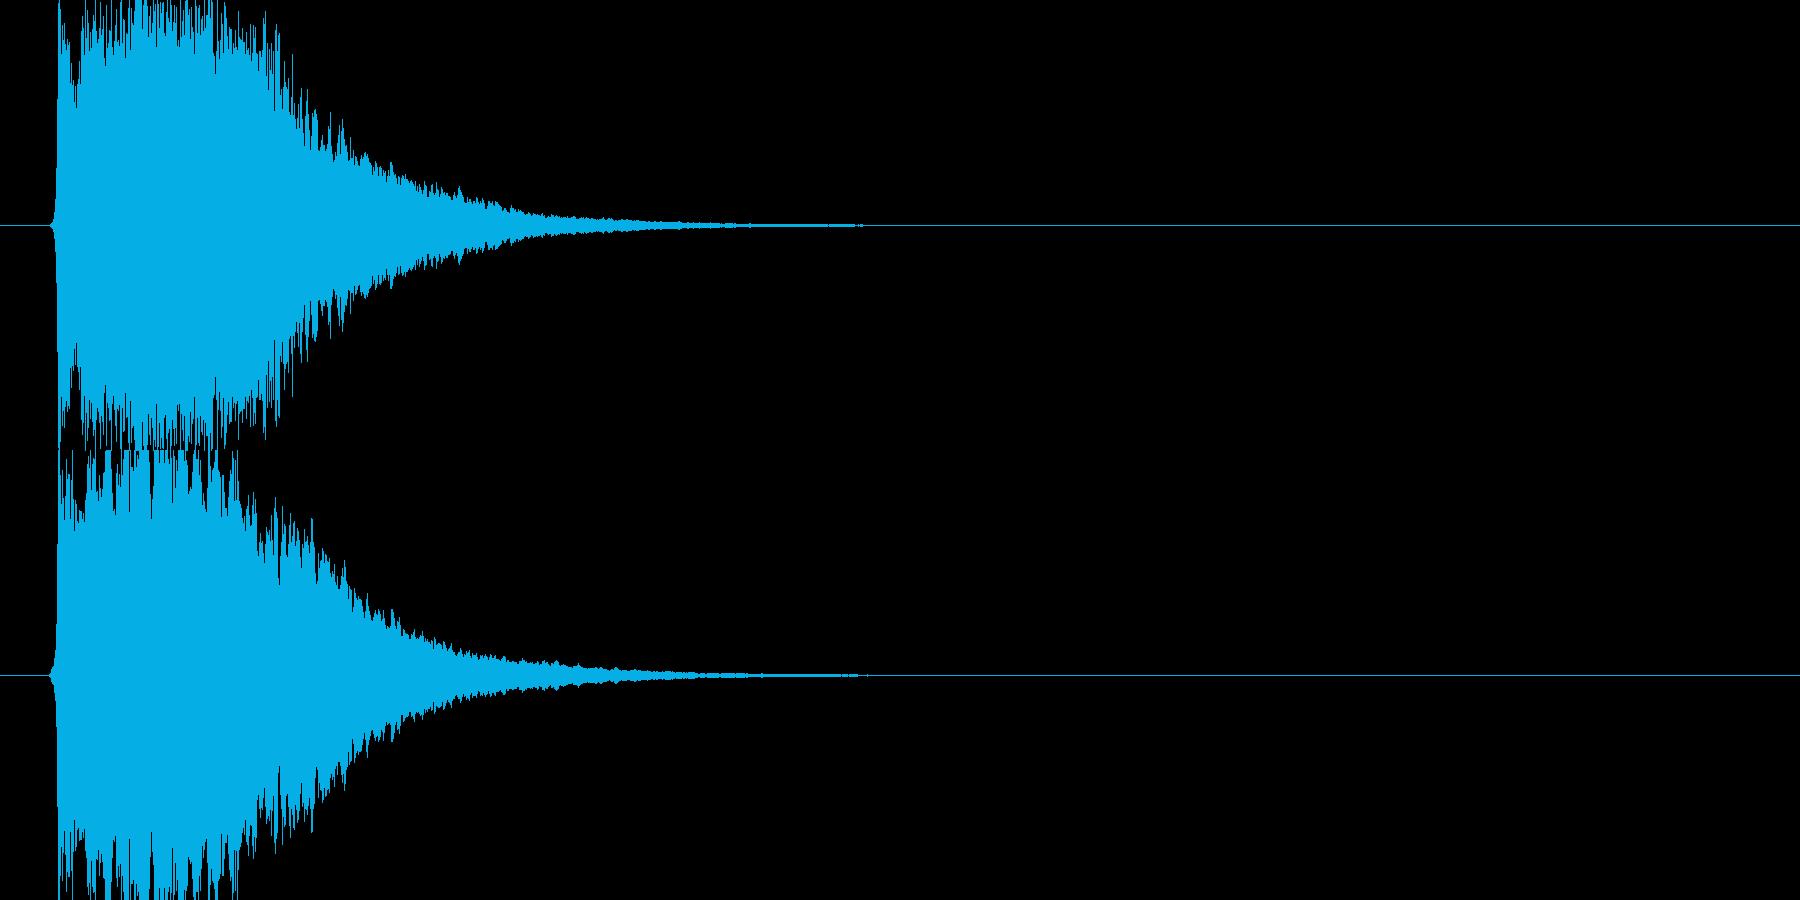 近未来SFボタン音ビープ音クリック音30の再生済みの波形